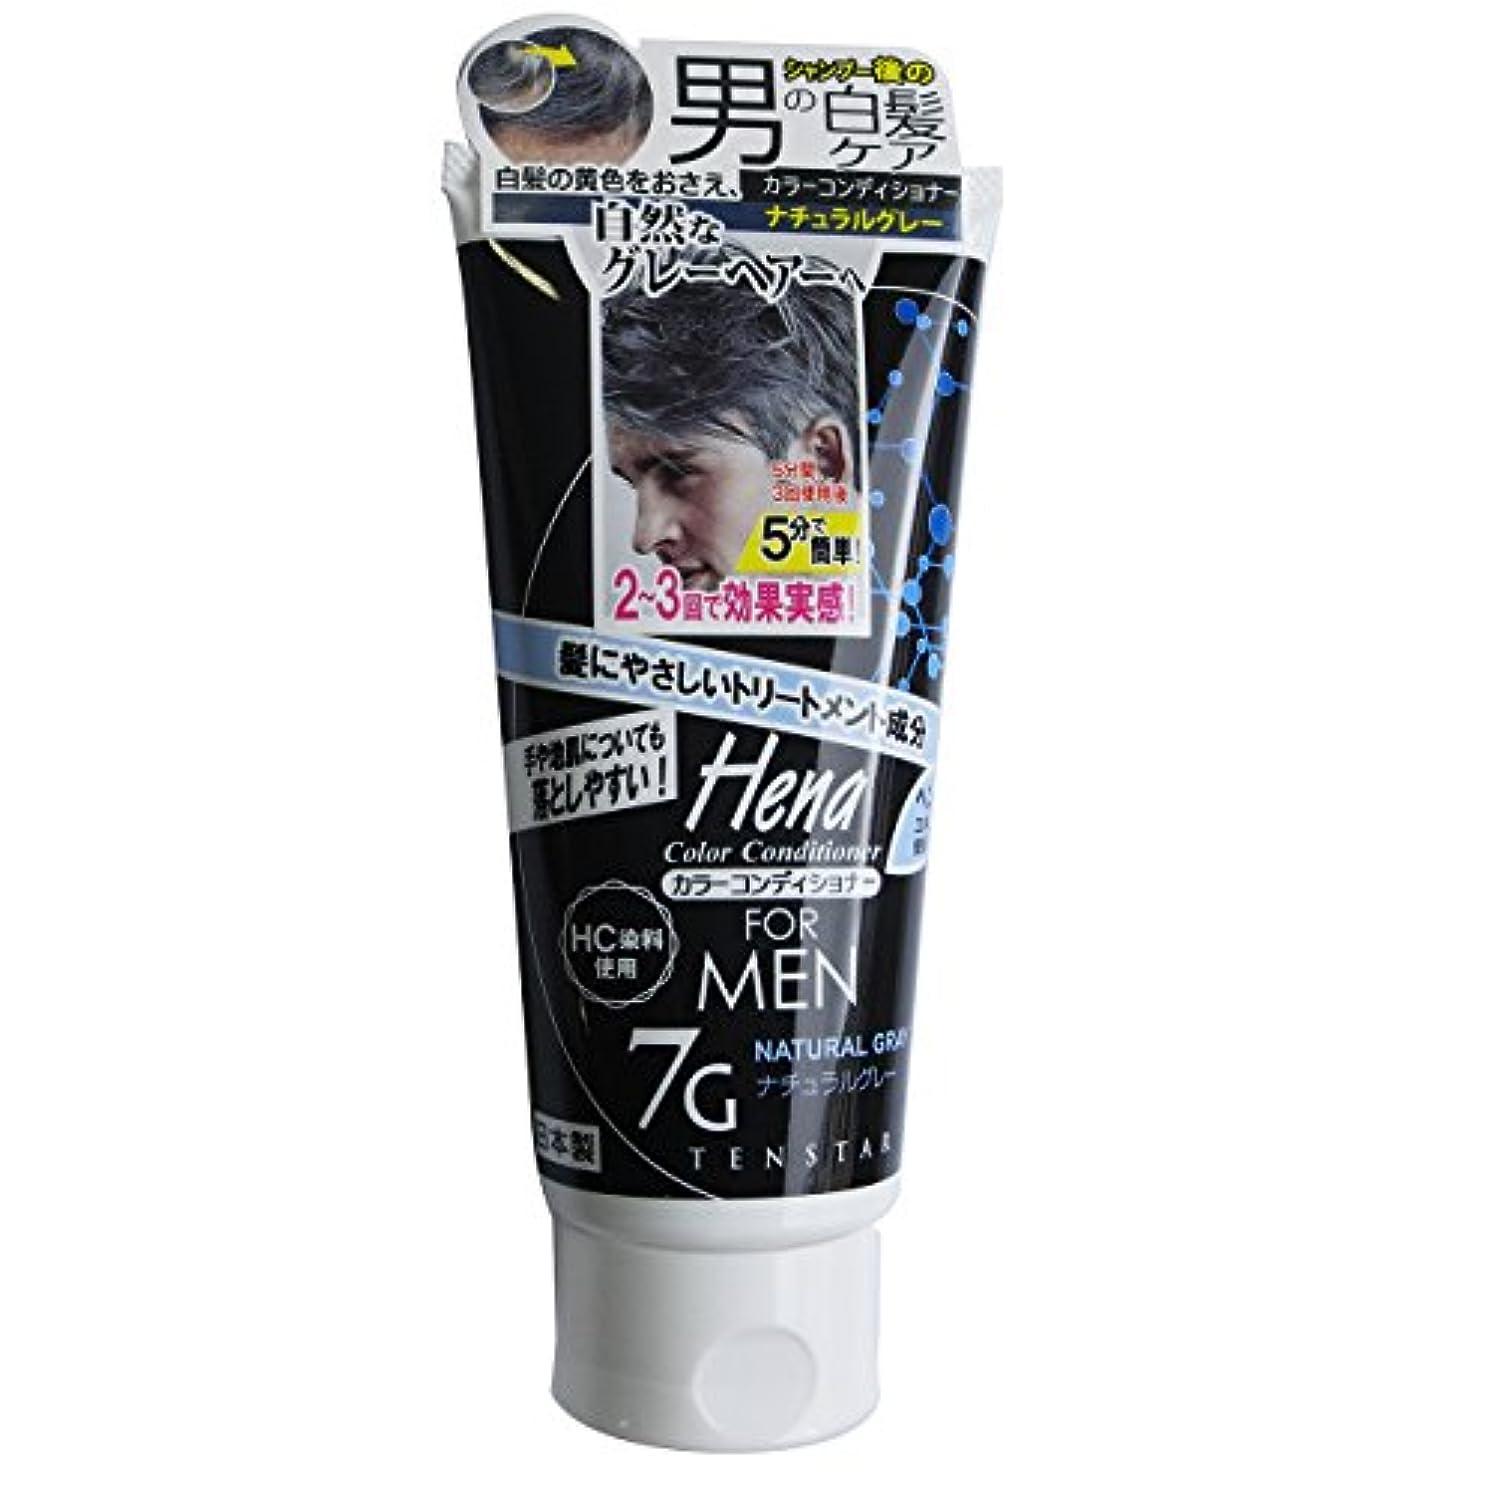 評判ねじれ同封するテンスター カラーコンディショナー for MEN ナチュラルグレー 178g